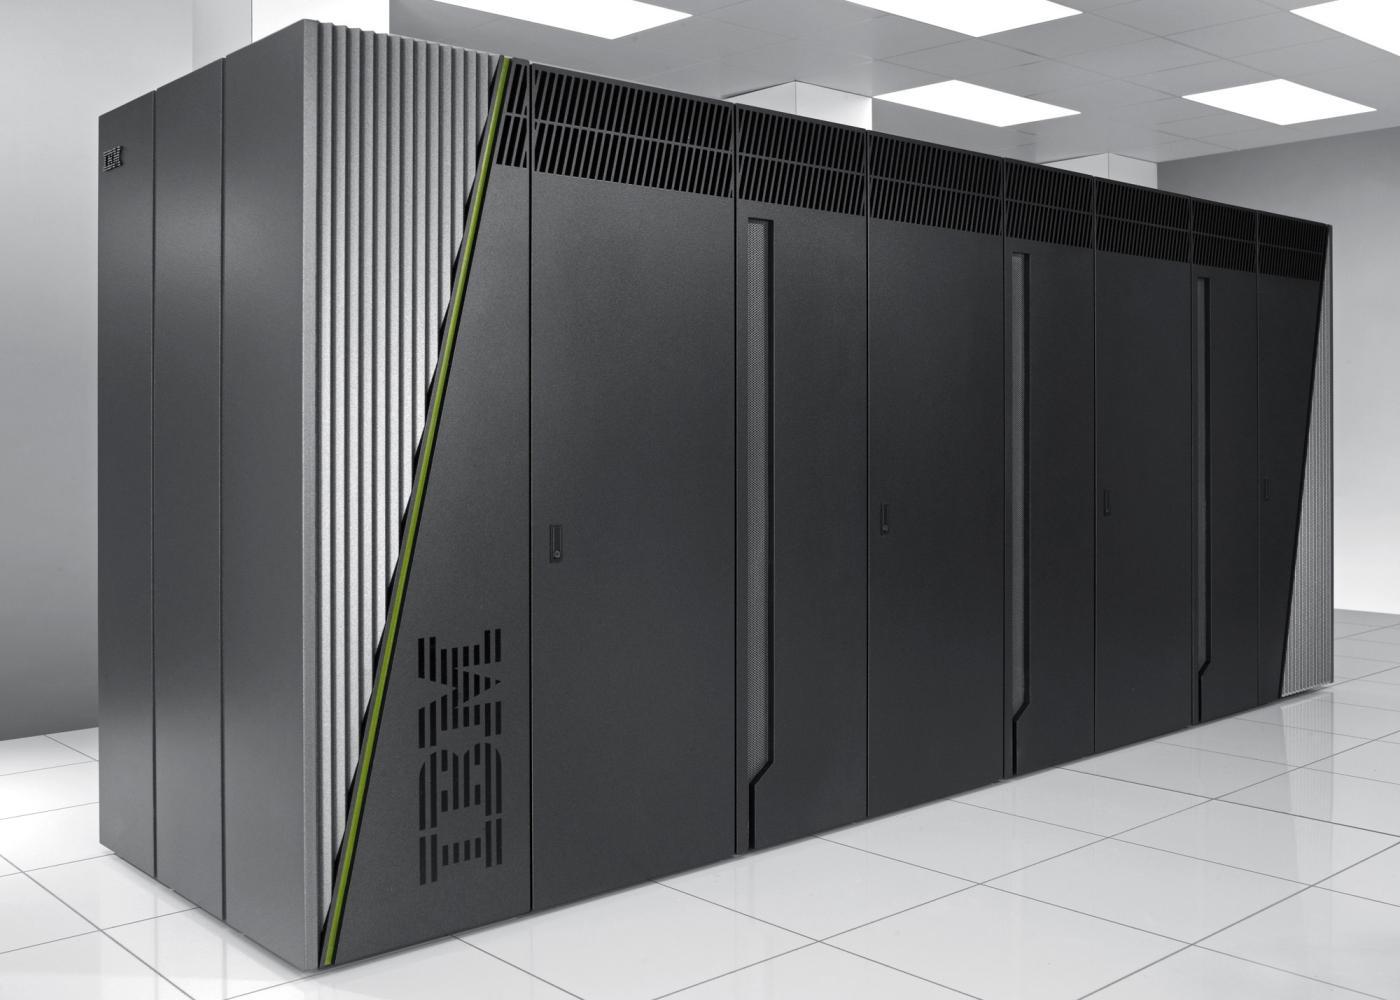 Dünyanın birinci ve dördüncü süper bilgisayarı IBM'den: Sequoia ve SuperMUC